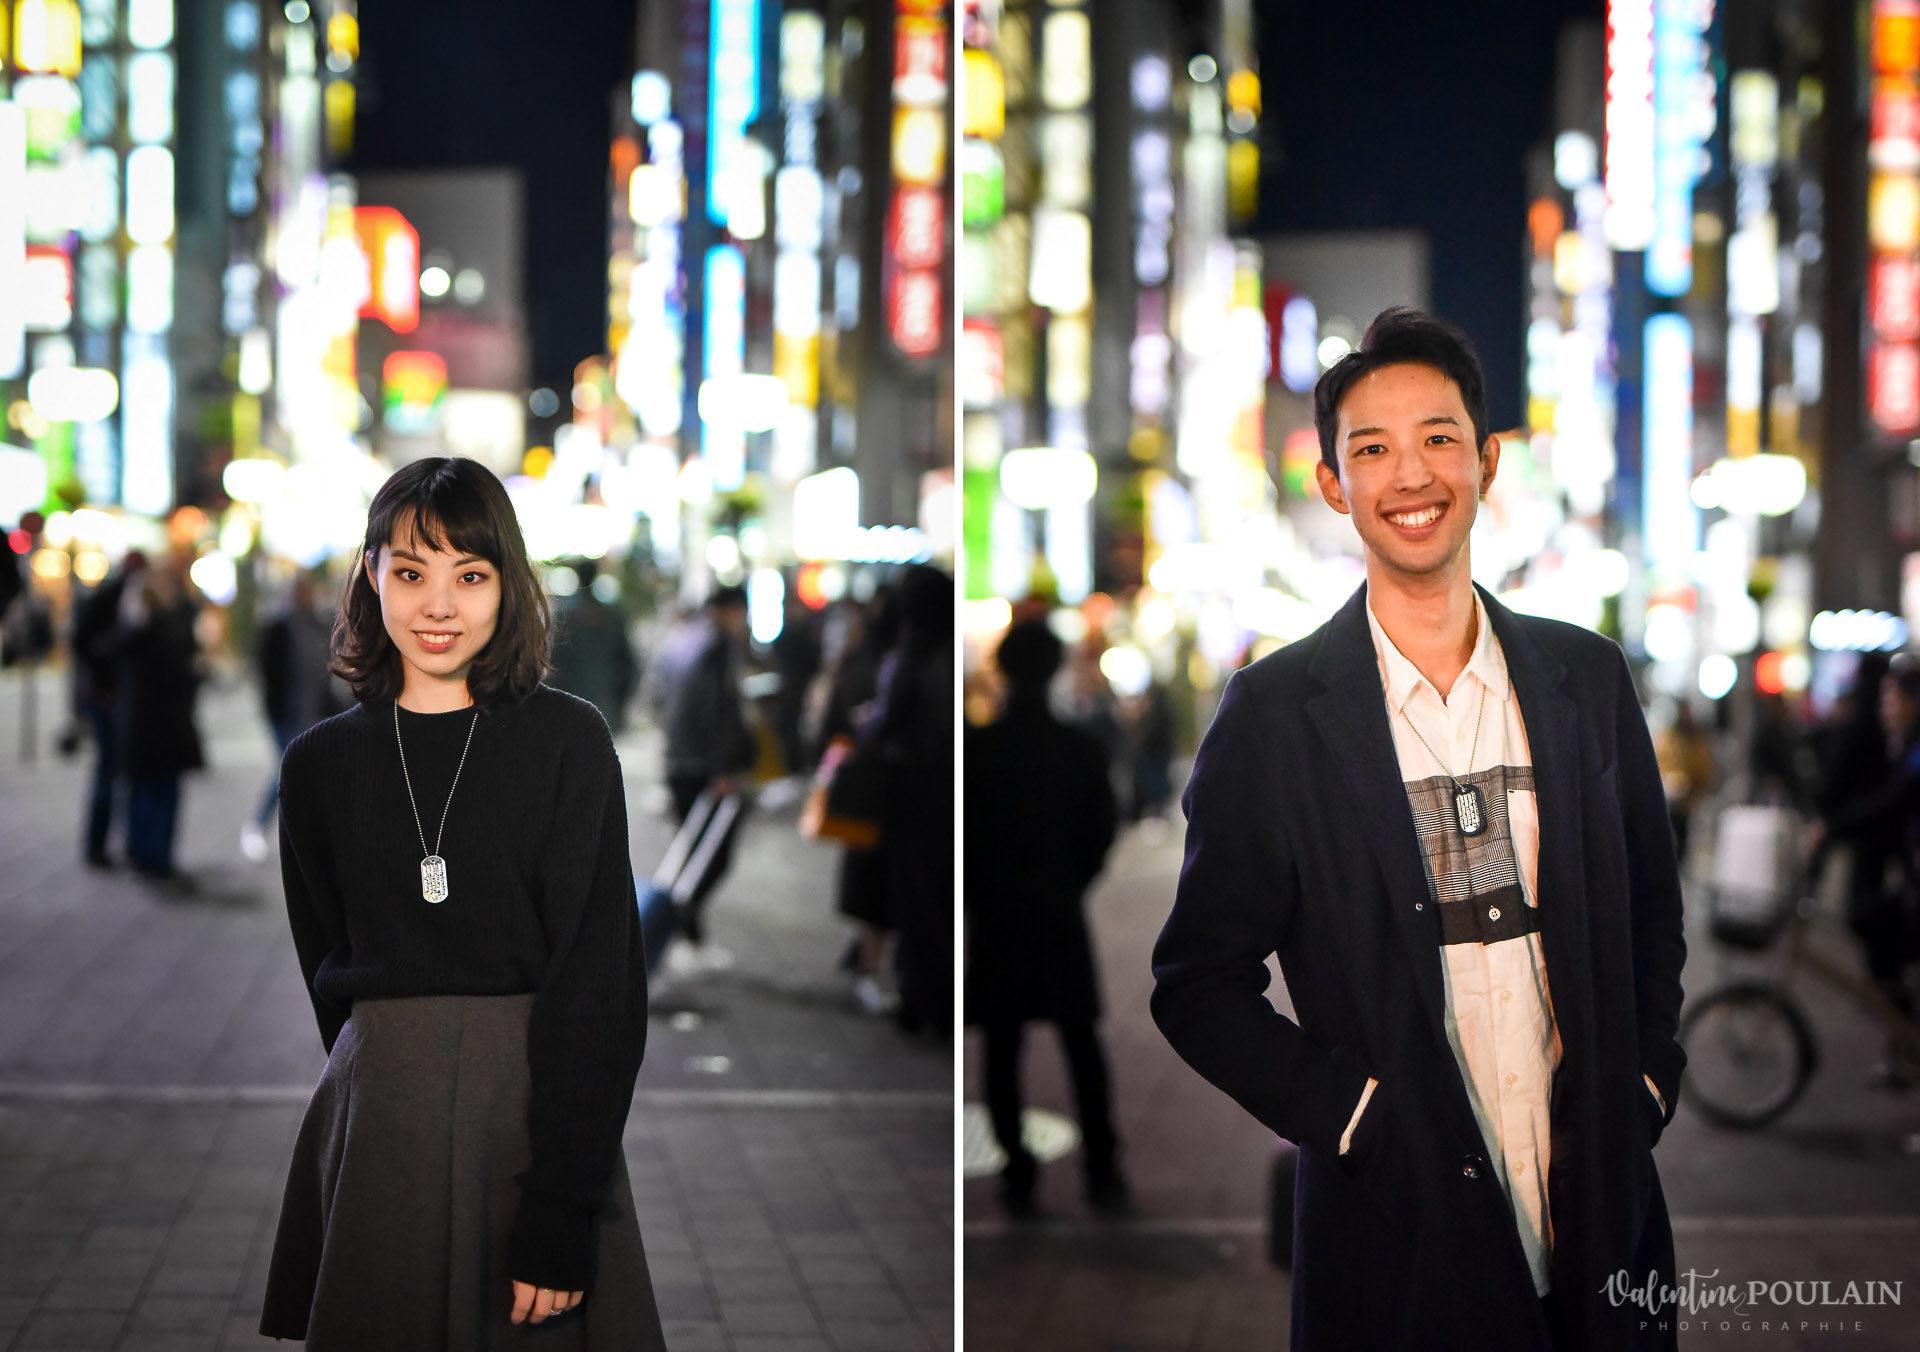 Shooting couple Japon Tokyo - Valentine Poulain portraits